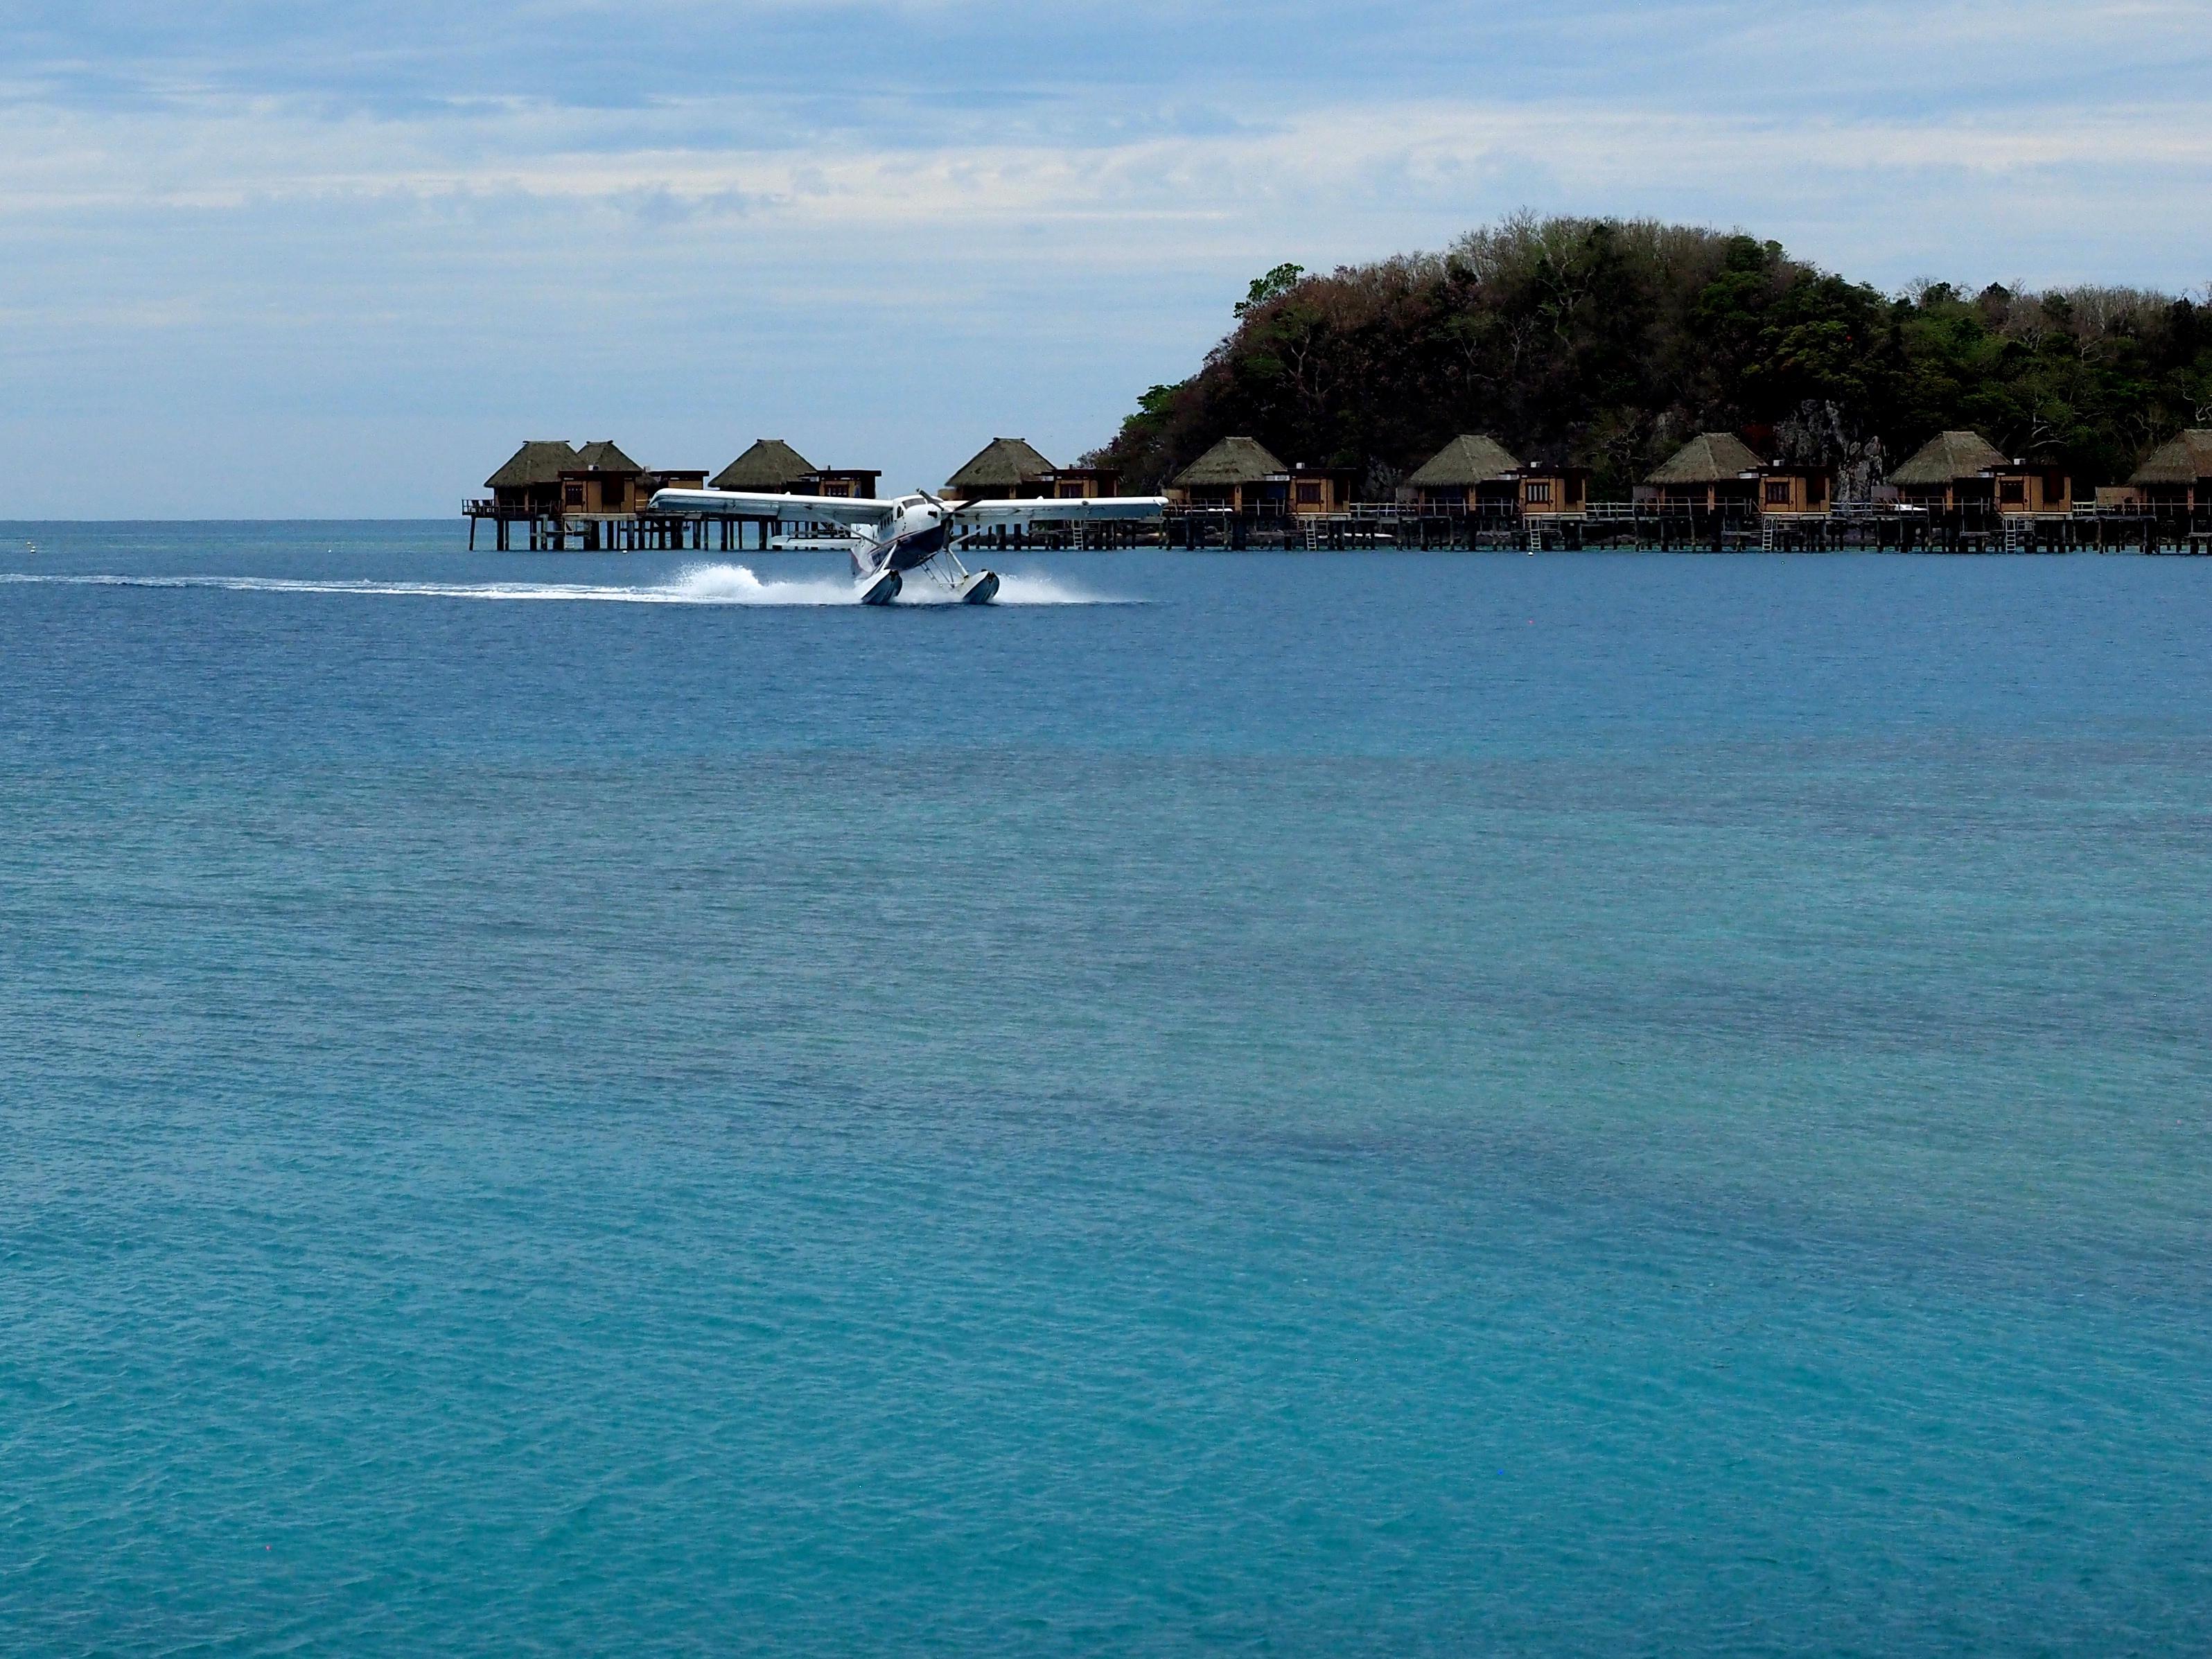 Amerrissage à Likuliku Lagoon - Fidji - Grand Voyage 2017